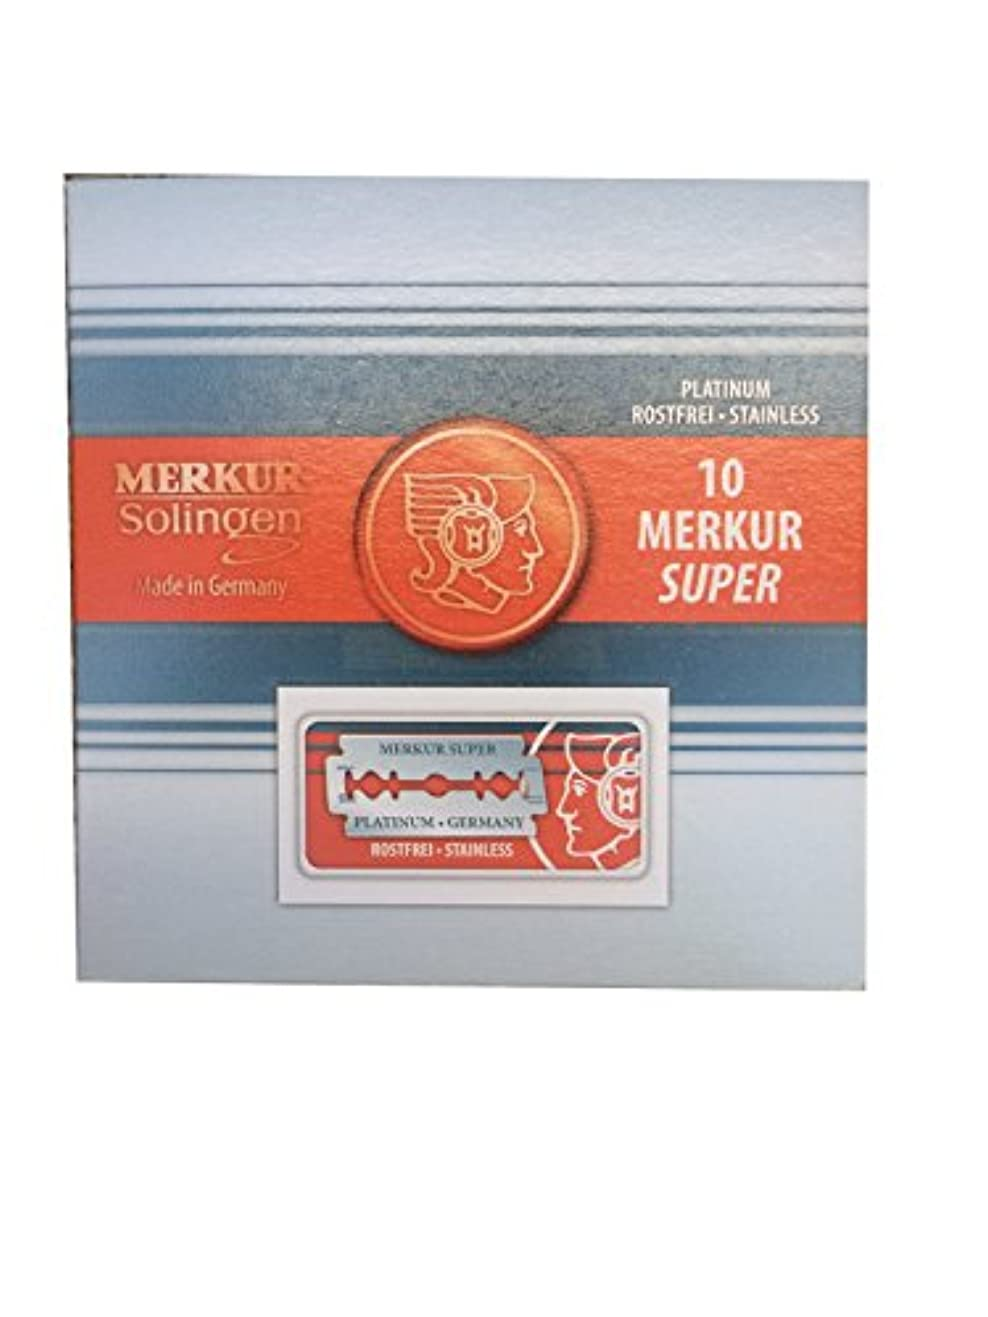 幾何学省略する攻撃的Merkur Super Platinum 両刃替刃 100枚入り(10枚入り10 個セット)【並行輸入品】